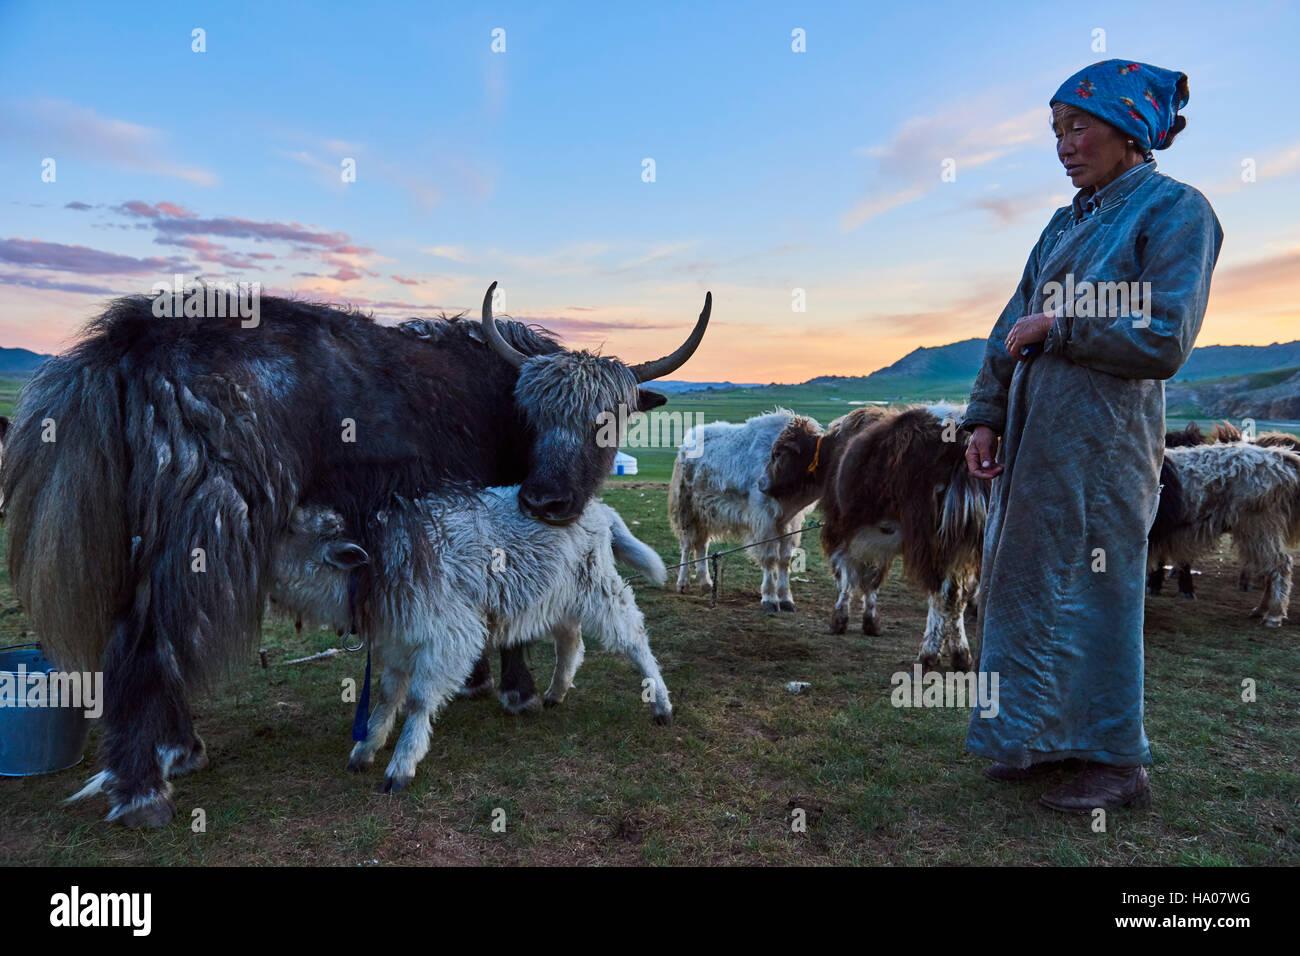 Mongolia, Bayankhongor province, nomad camp, yak milking - Stock Image